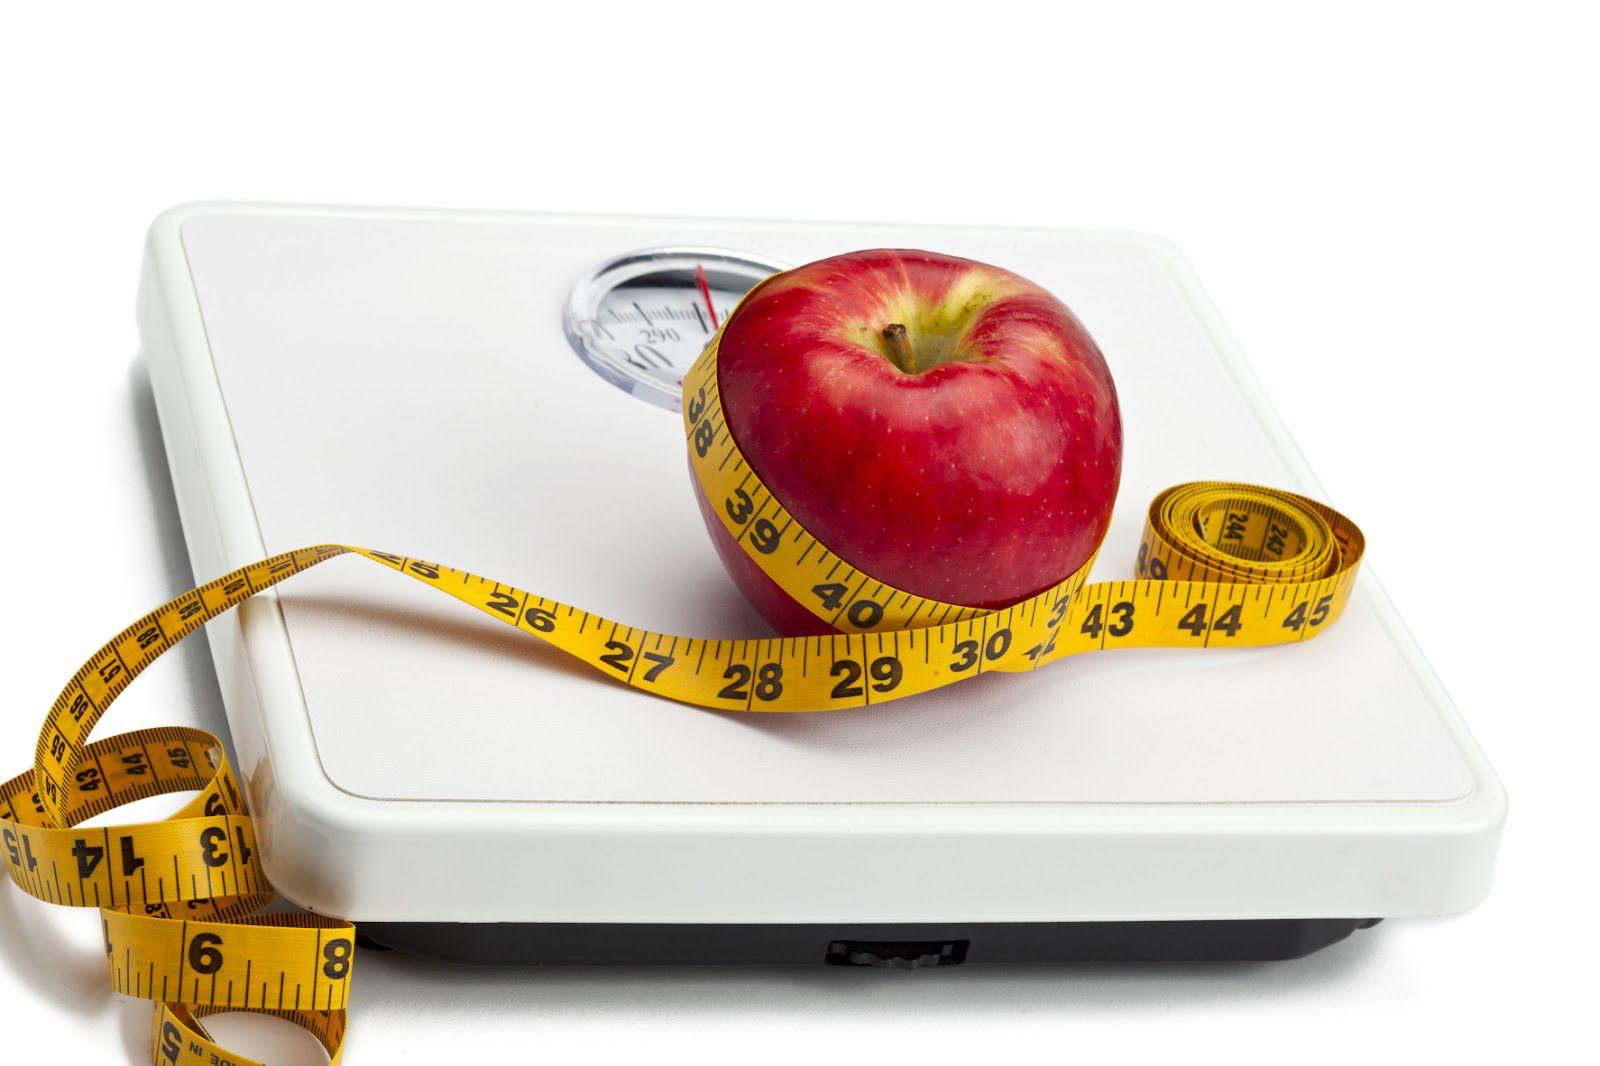 Если вы срываетесь, то это нормально для всех худеющих, но чем строже ваша диета, тем труднее будет ее придерживаться